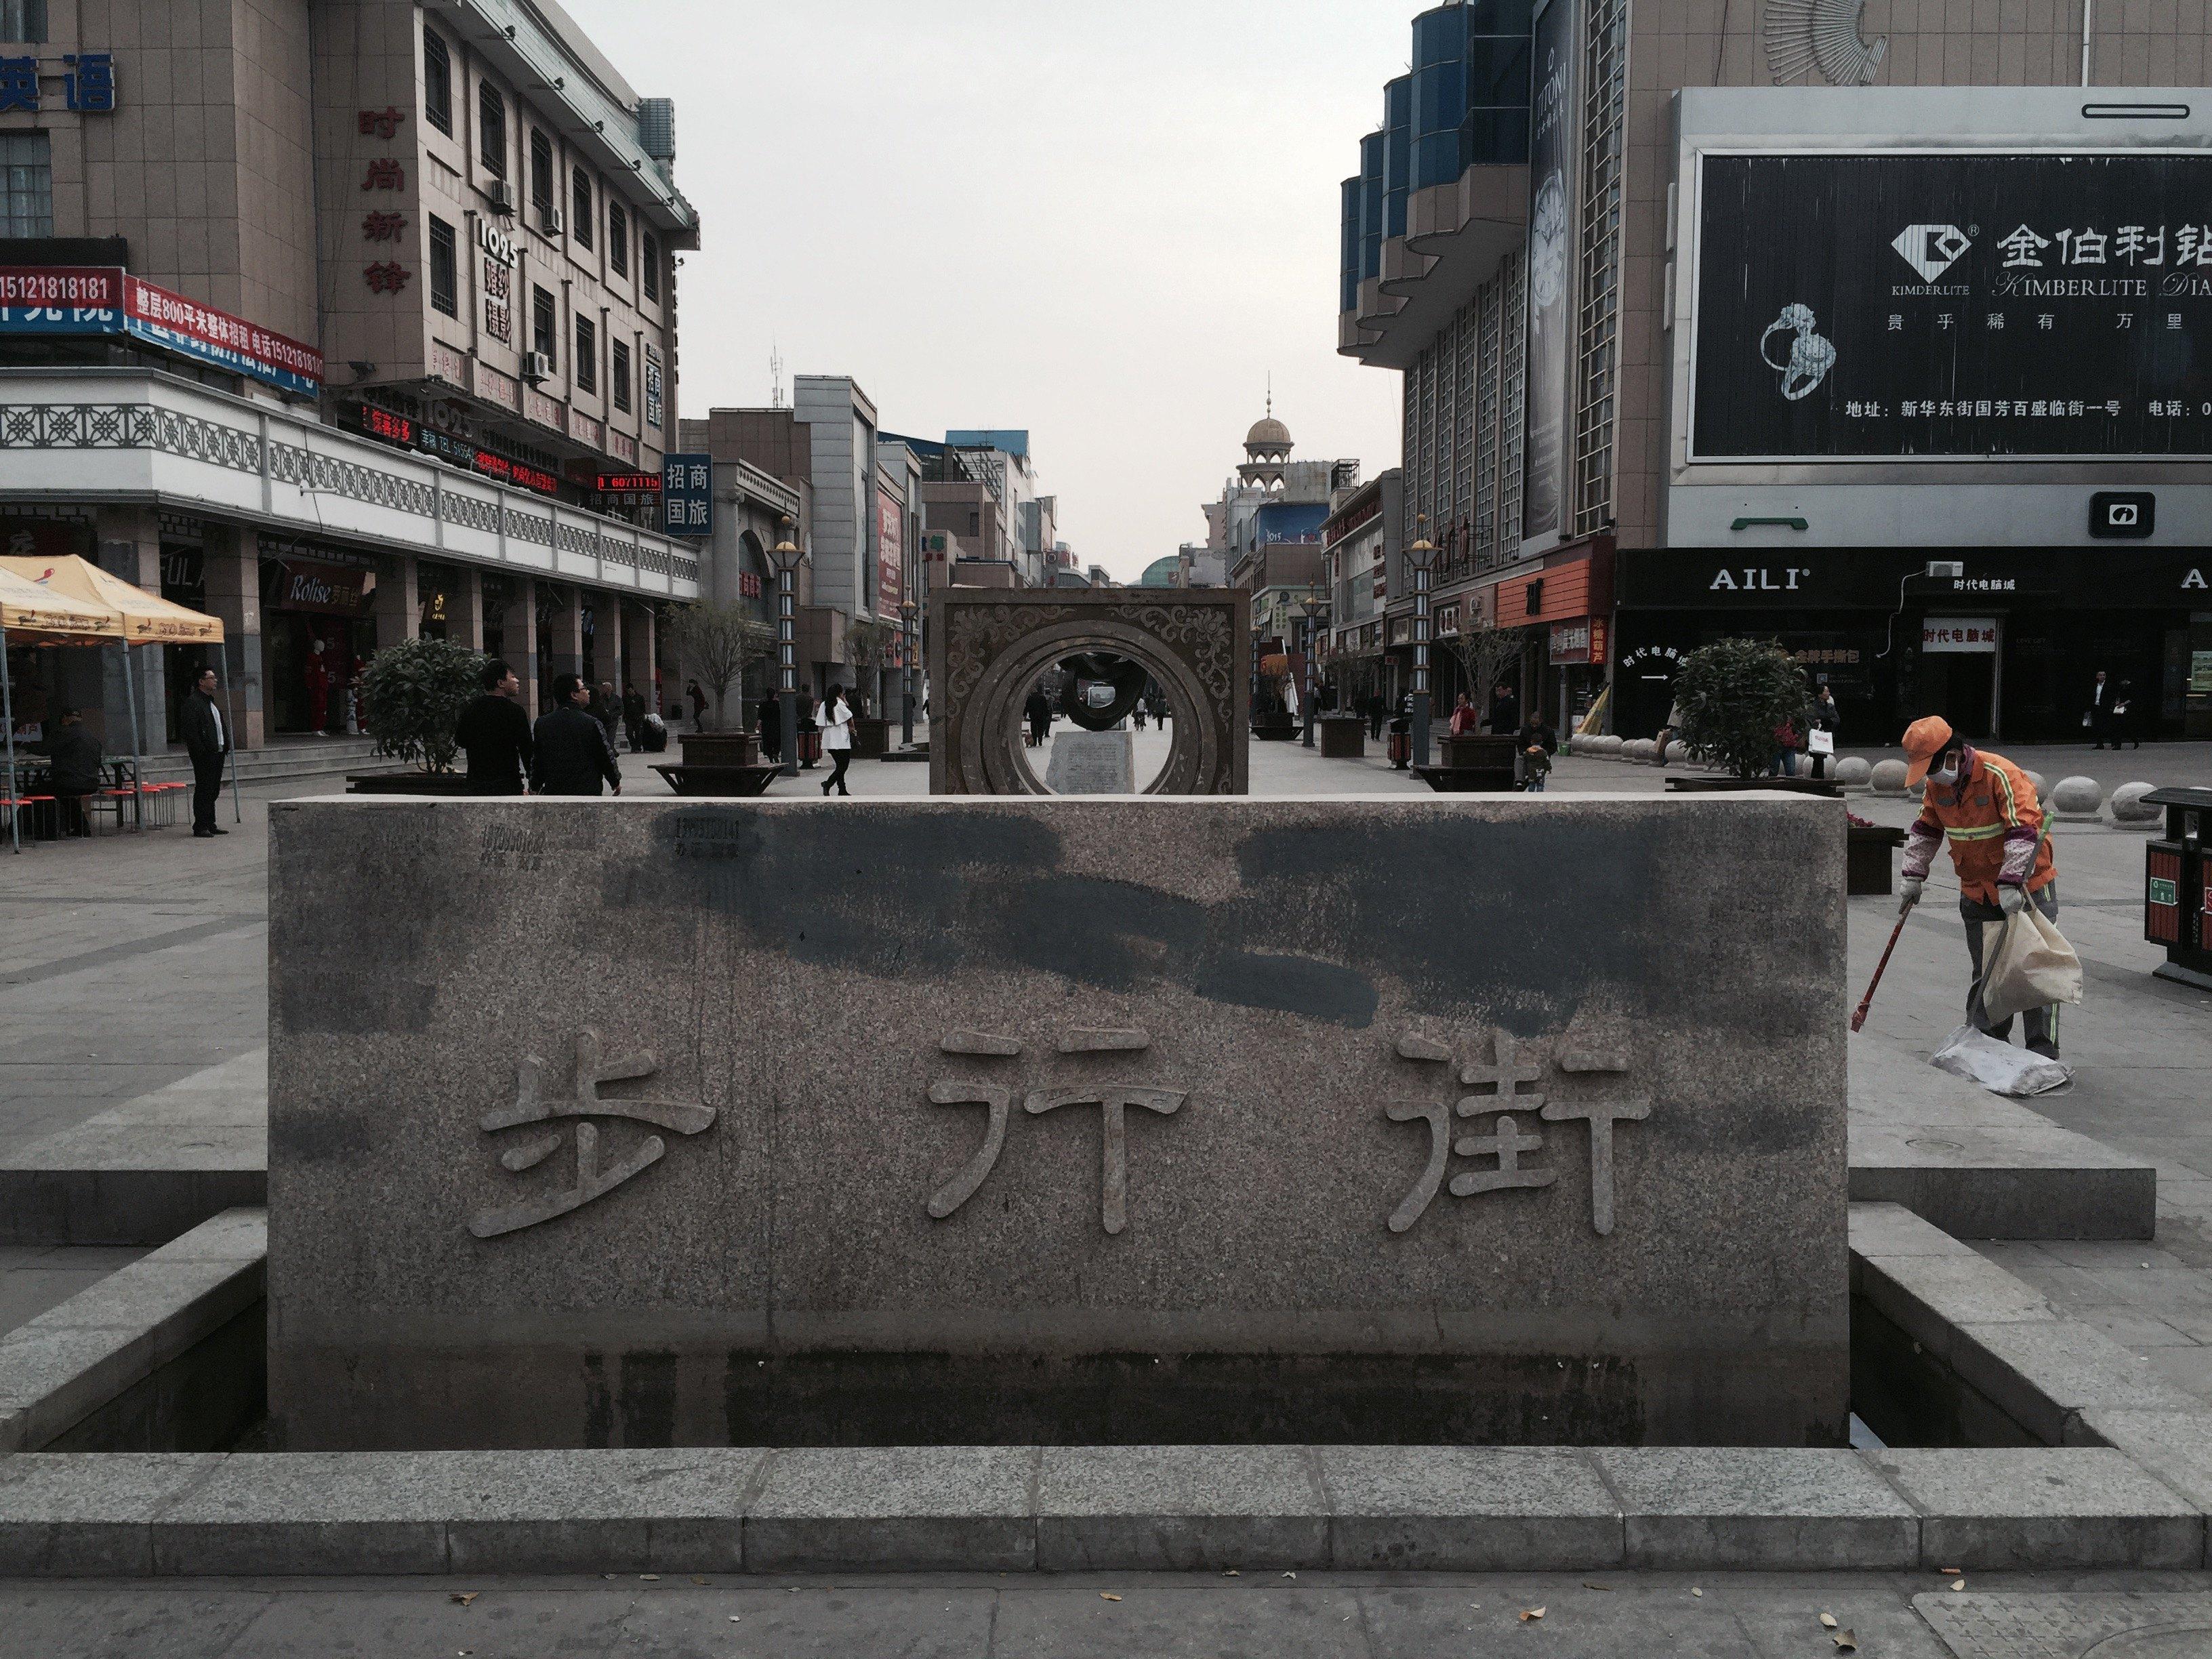 银川鼓楼步行街_从酒店出来往东第一条街就是步行街,步行街的尽头就是鼓楼.